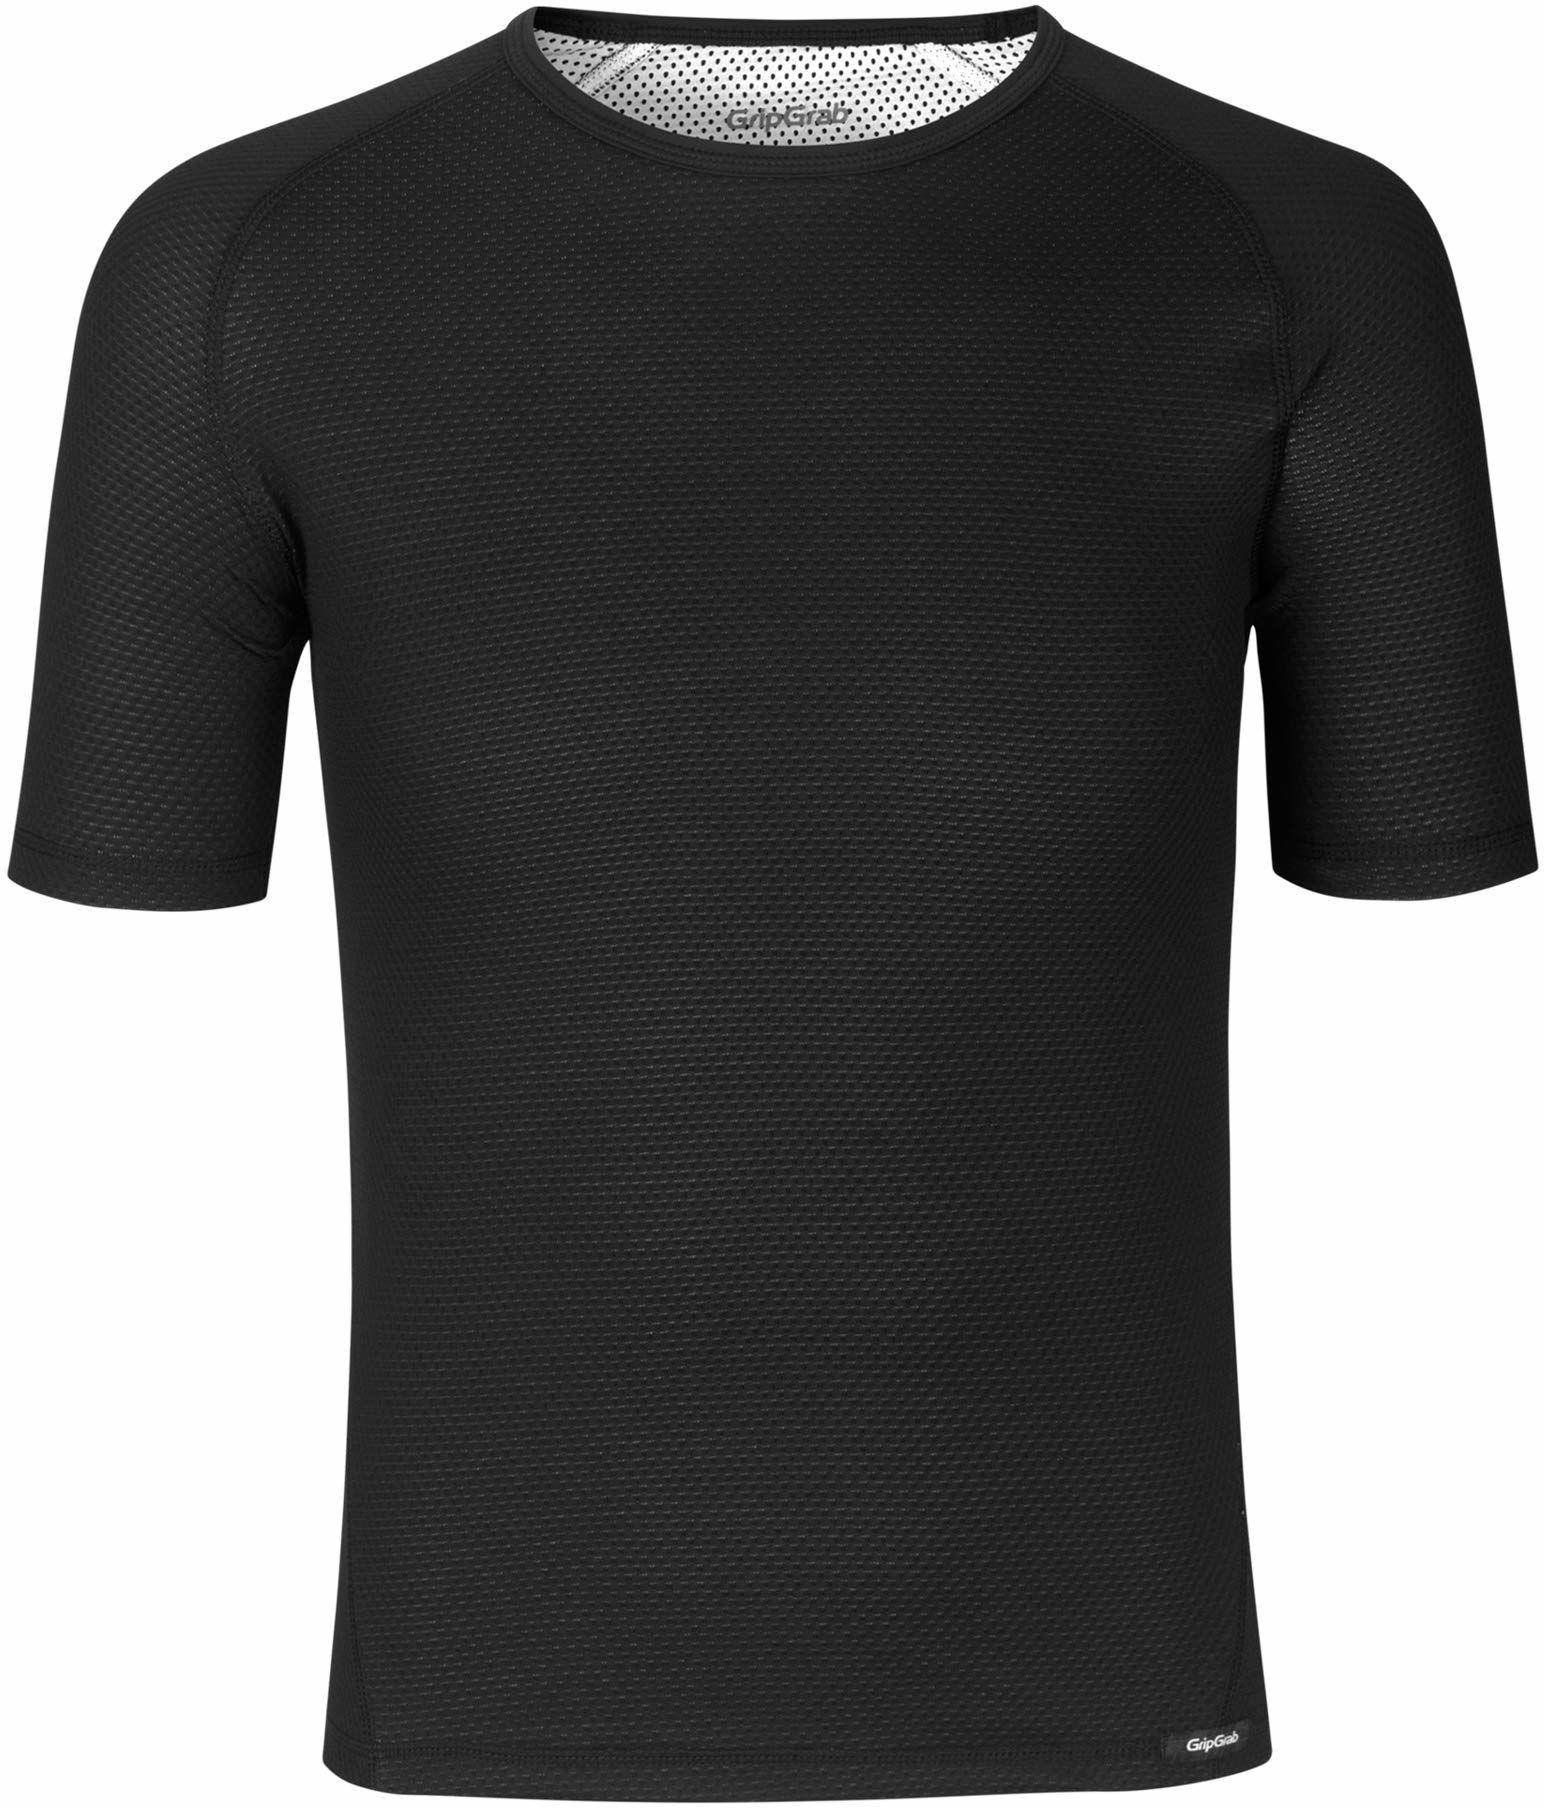 GripGrab Ride Thermo zimowa koszulka z krótkim rękawem do jazdy na rowerze - antybakteryjna - czarna, biała, niebieska, 1 opakowanie i 3 szt.